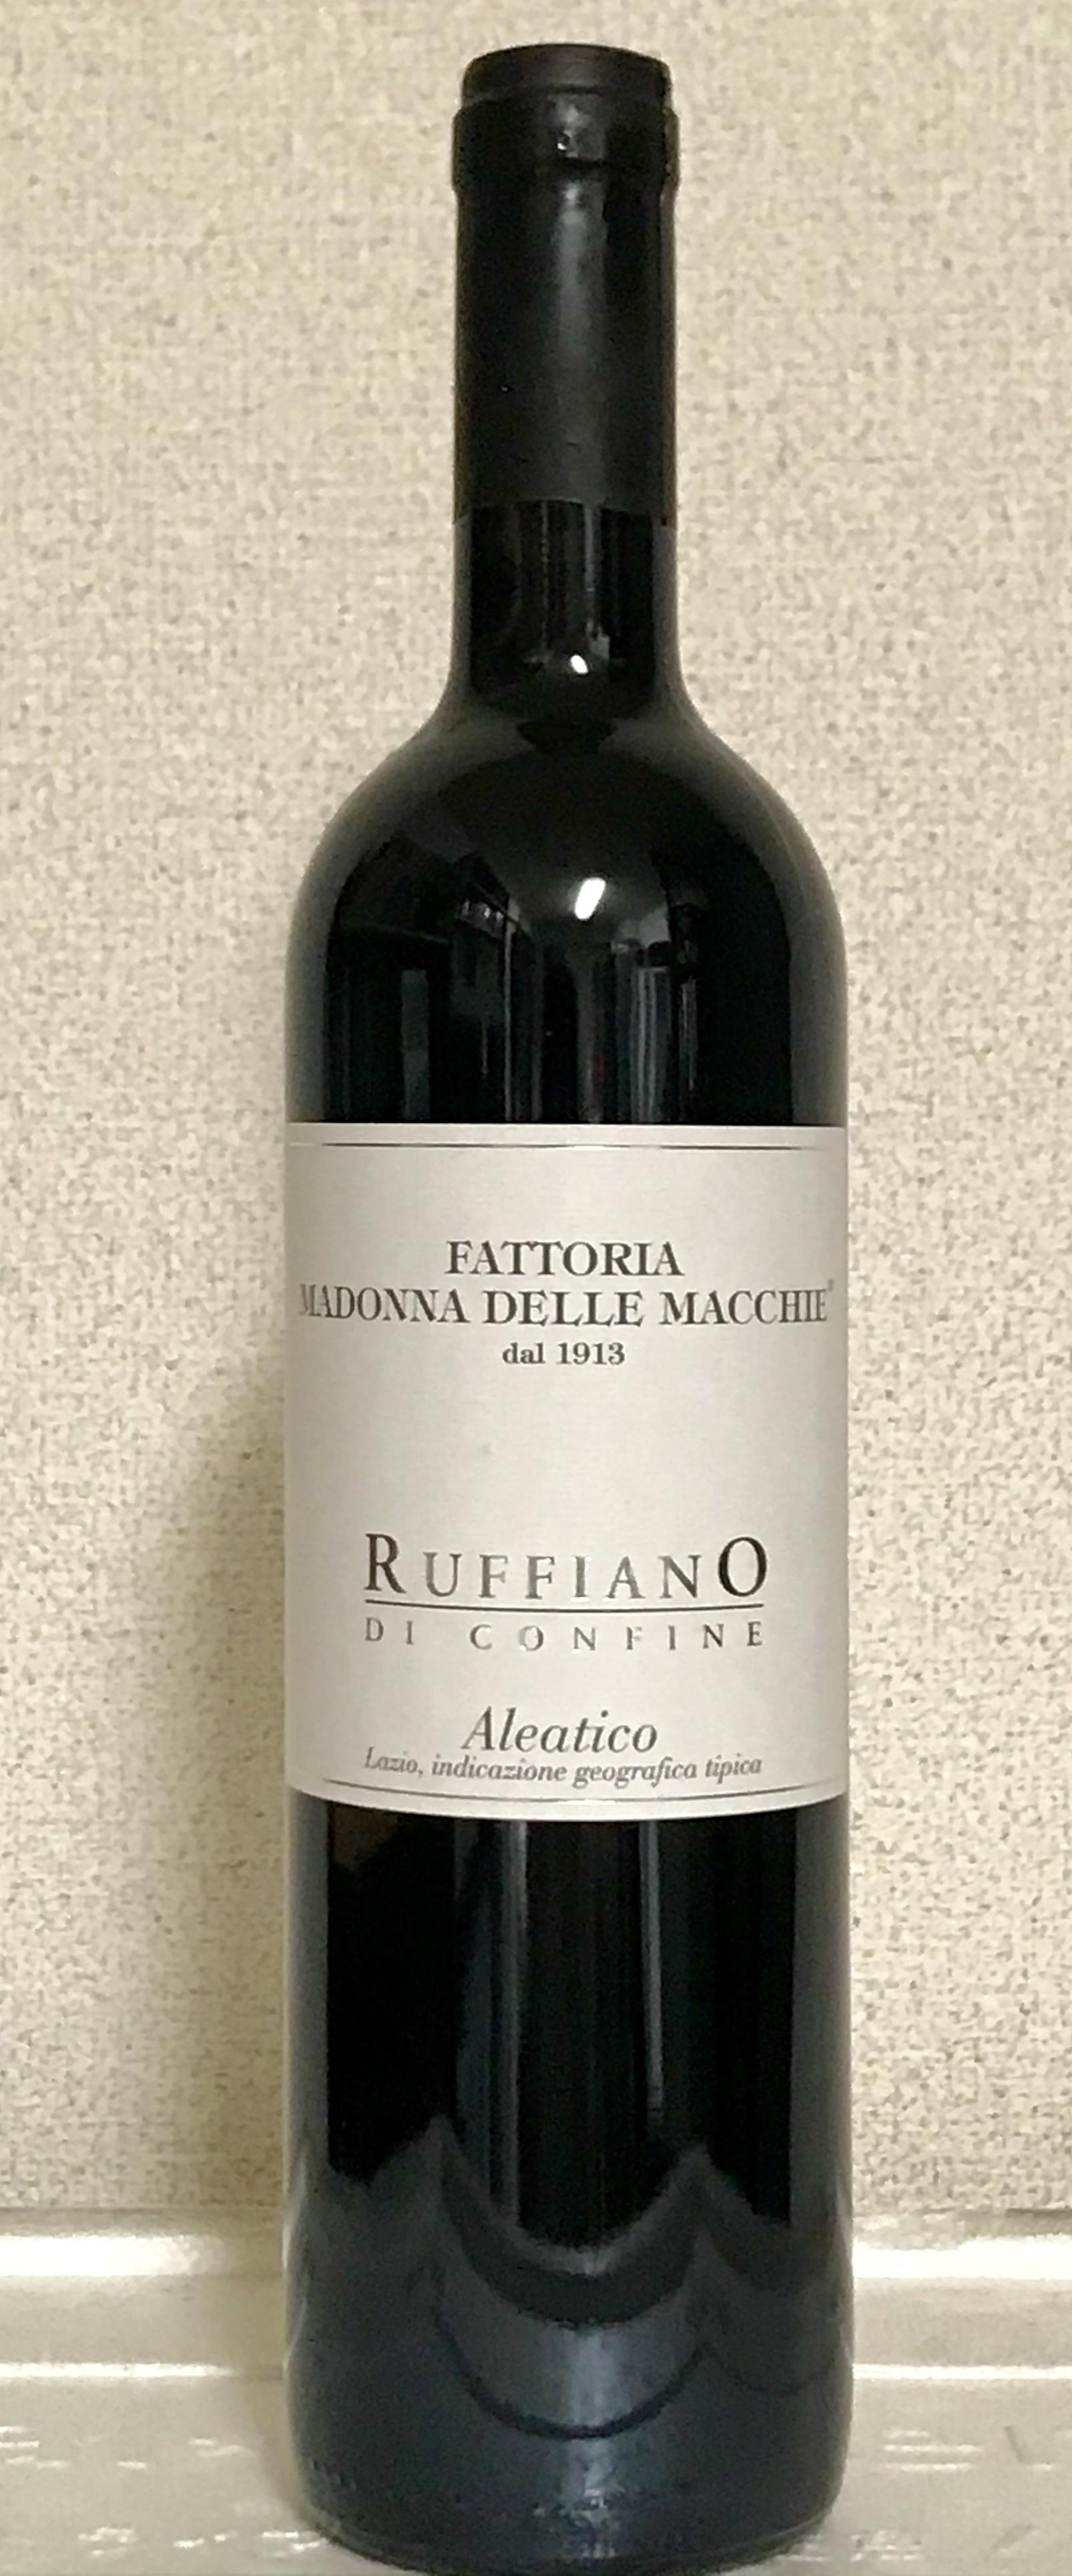 File:Aleatico red wine bottle.jpg - Wikimedia Commons